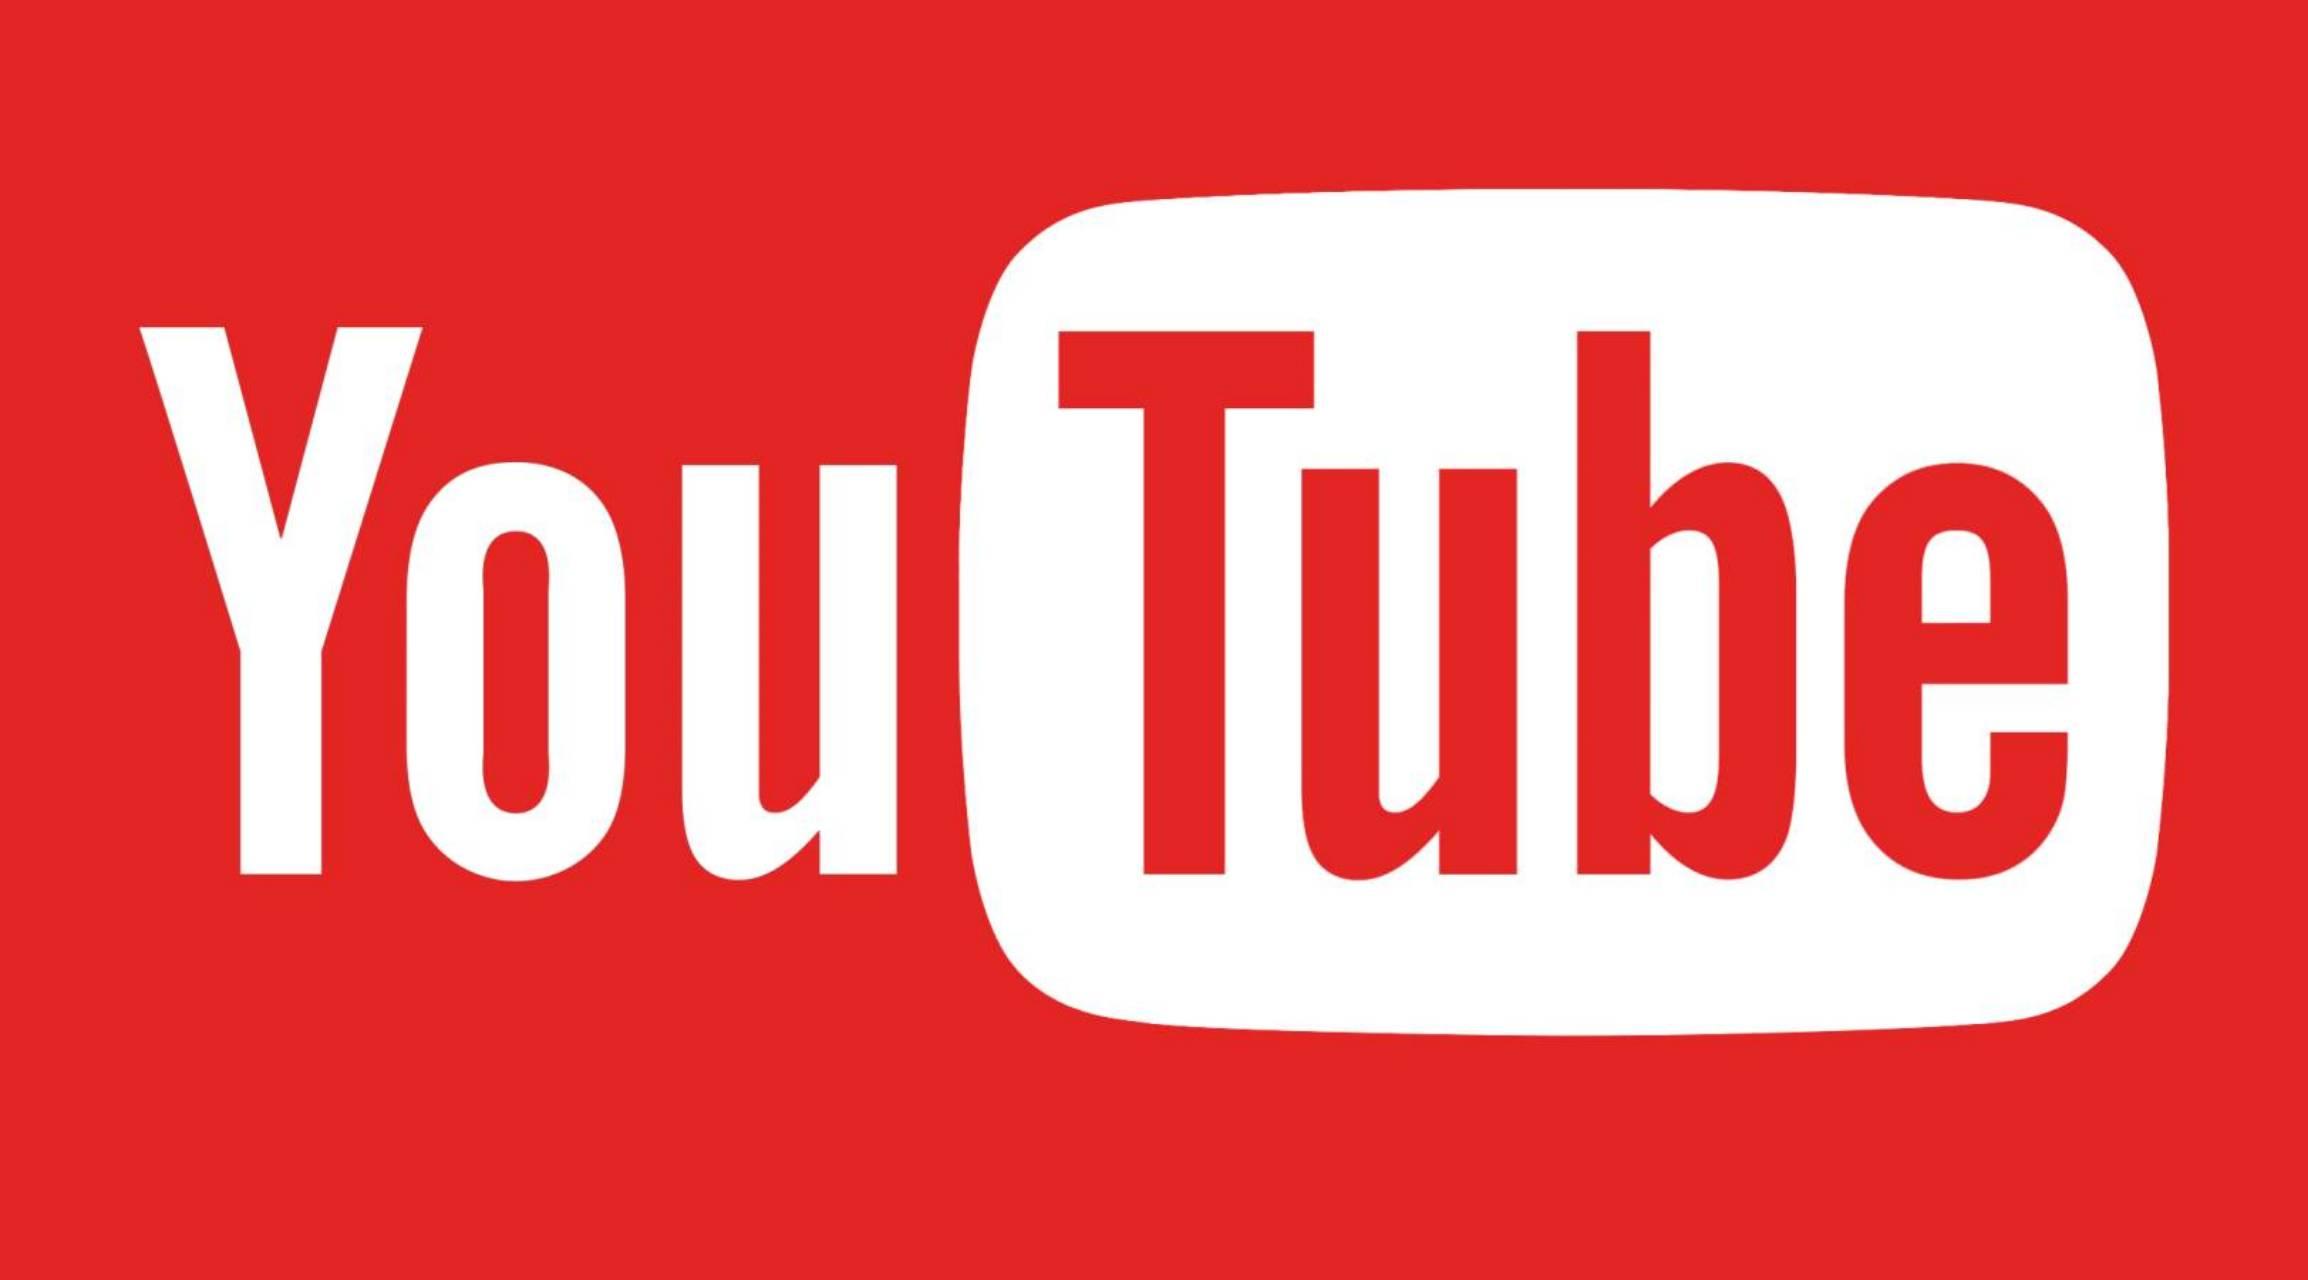 YouTube Actualizarea Noua Lansata pentru Telefoane si Tablete